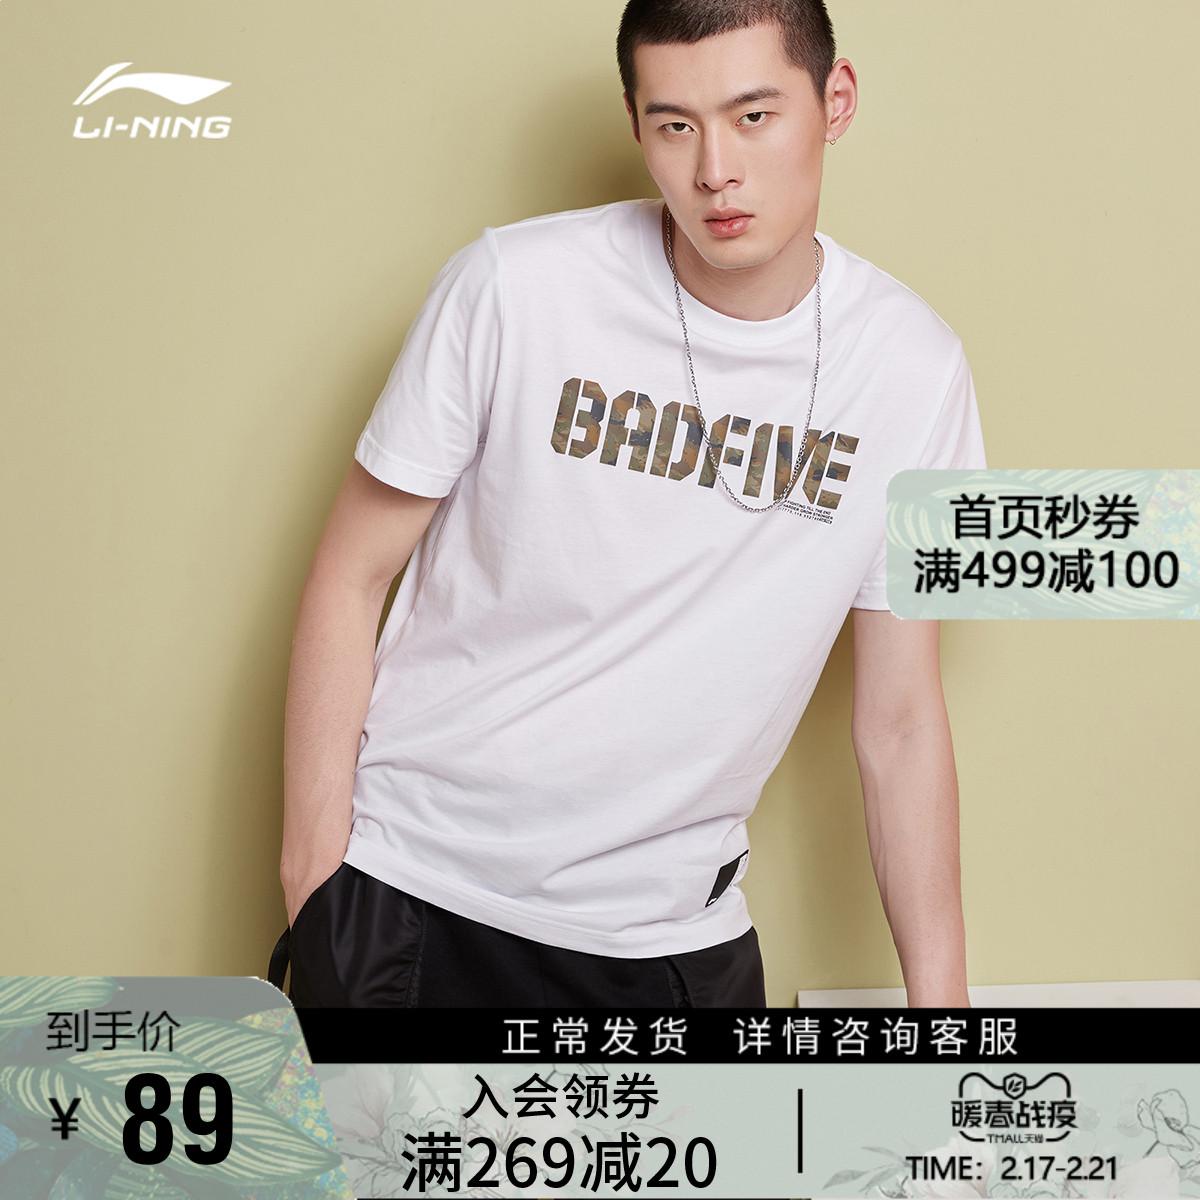 李宁短袖男士BAD FIVE篮球系列上衣圆领夏季棉质休闲T恤